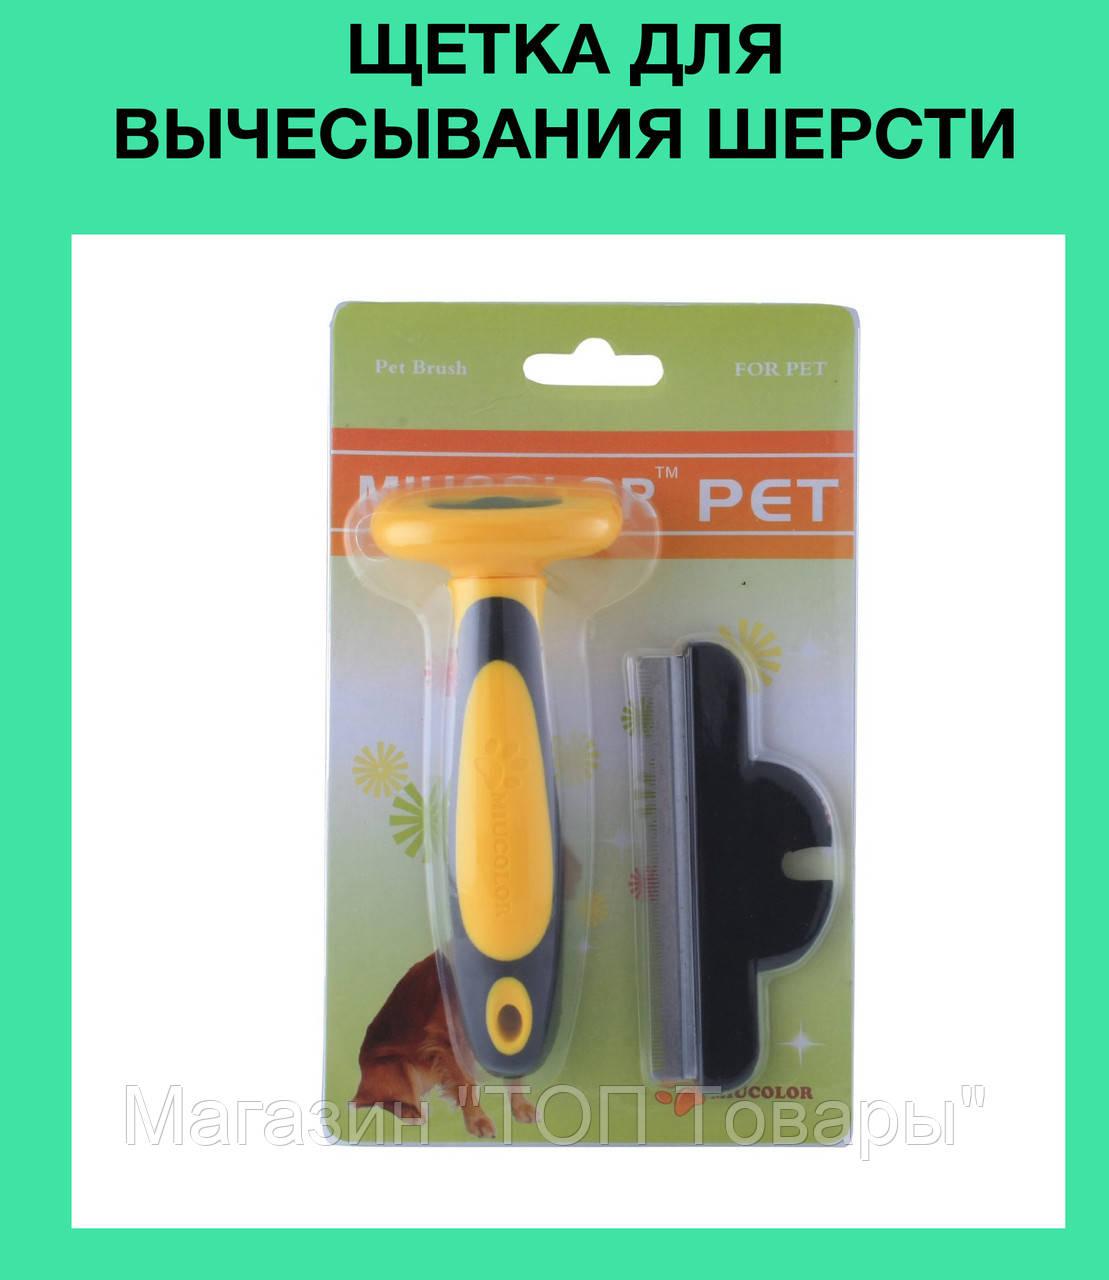 """Pet Care 4inch щетка для вычесывания шерсти у животных!Опт - Магазин """"ТОП Товары"""" в Одессе"""